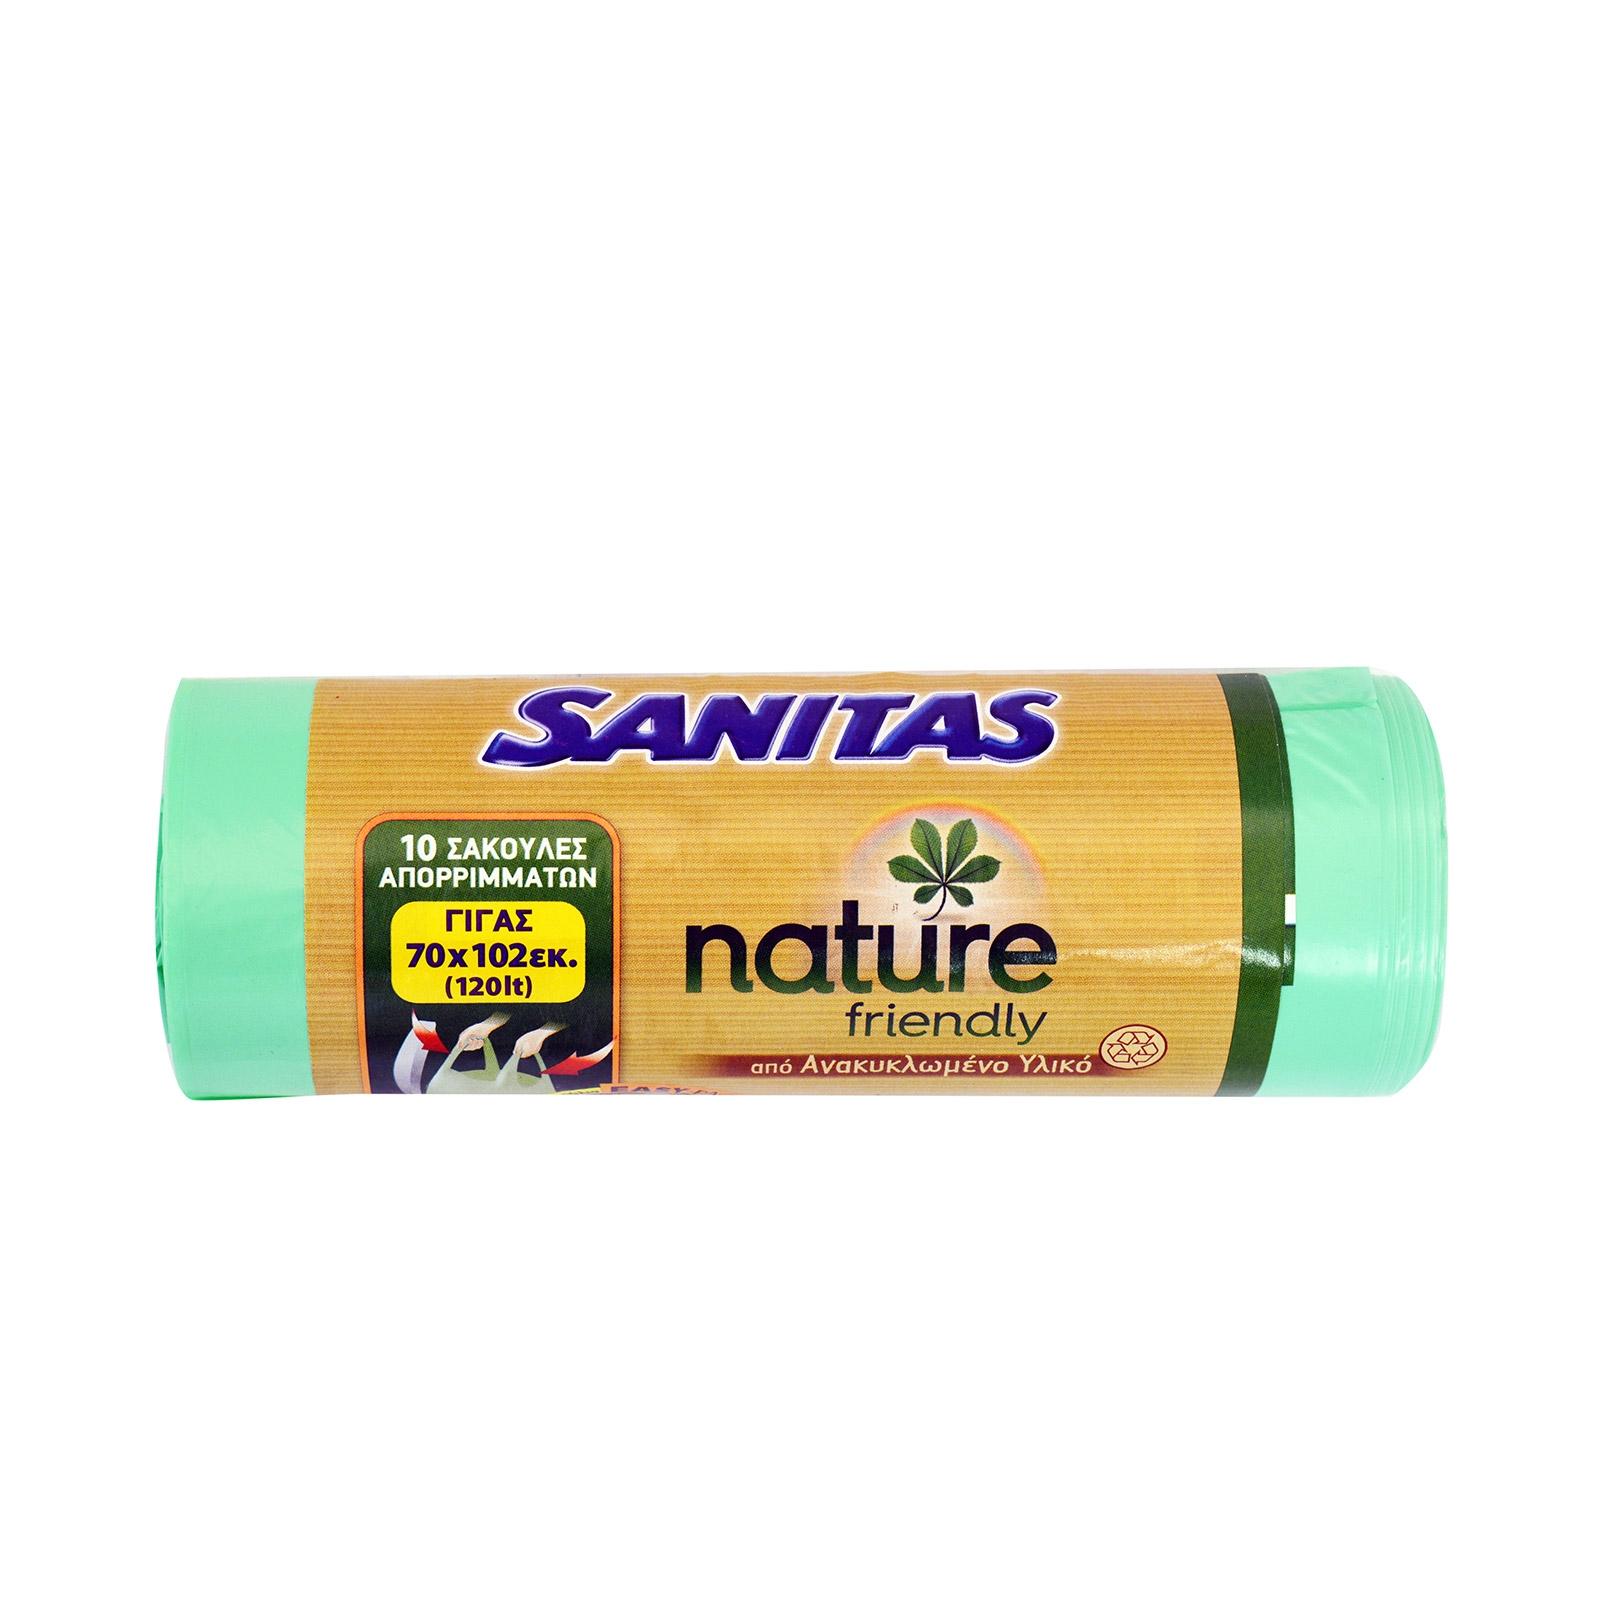 Σακούλες απορριμάτων με λαβές Γίγας Nature Friendly Sanitas (15τεμ)